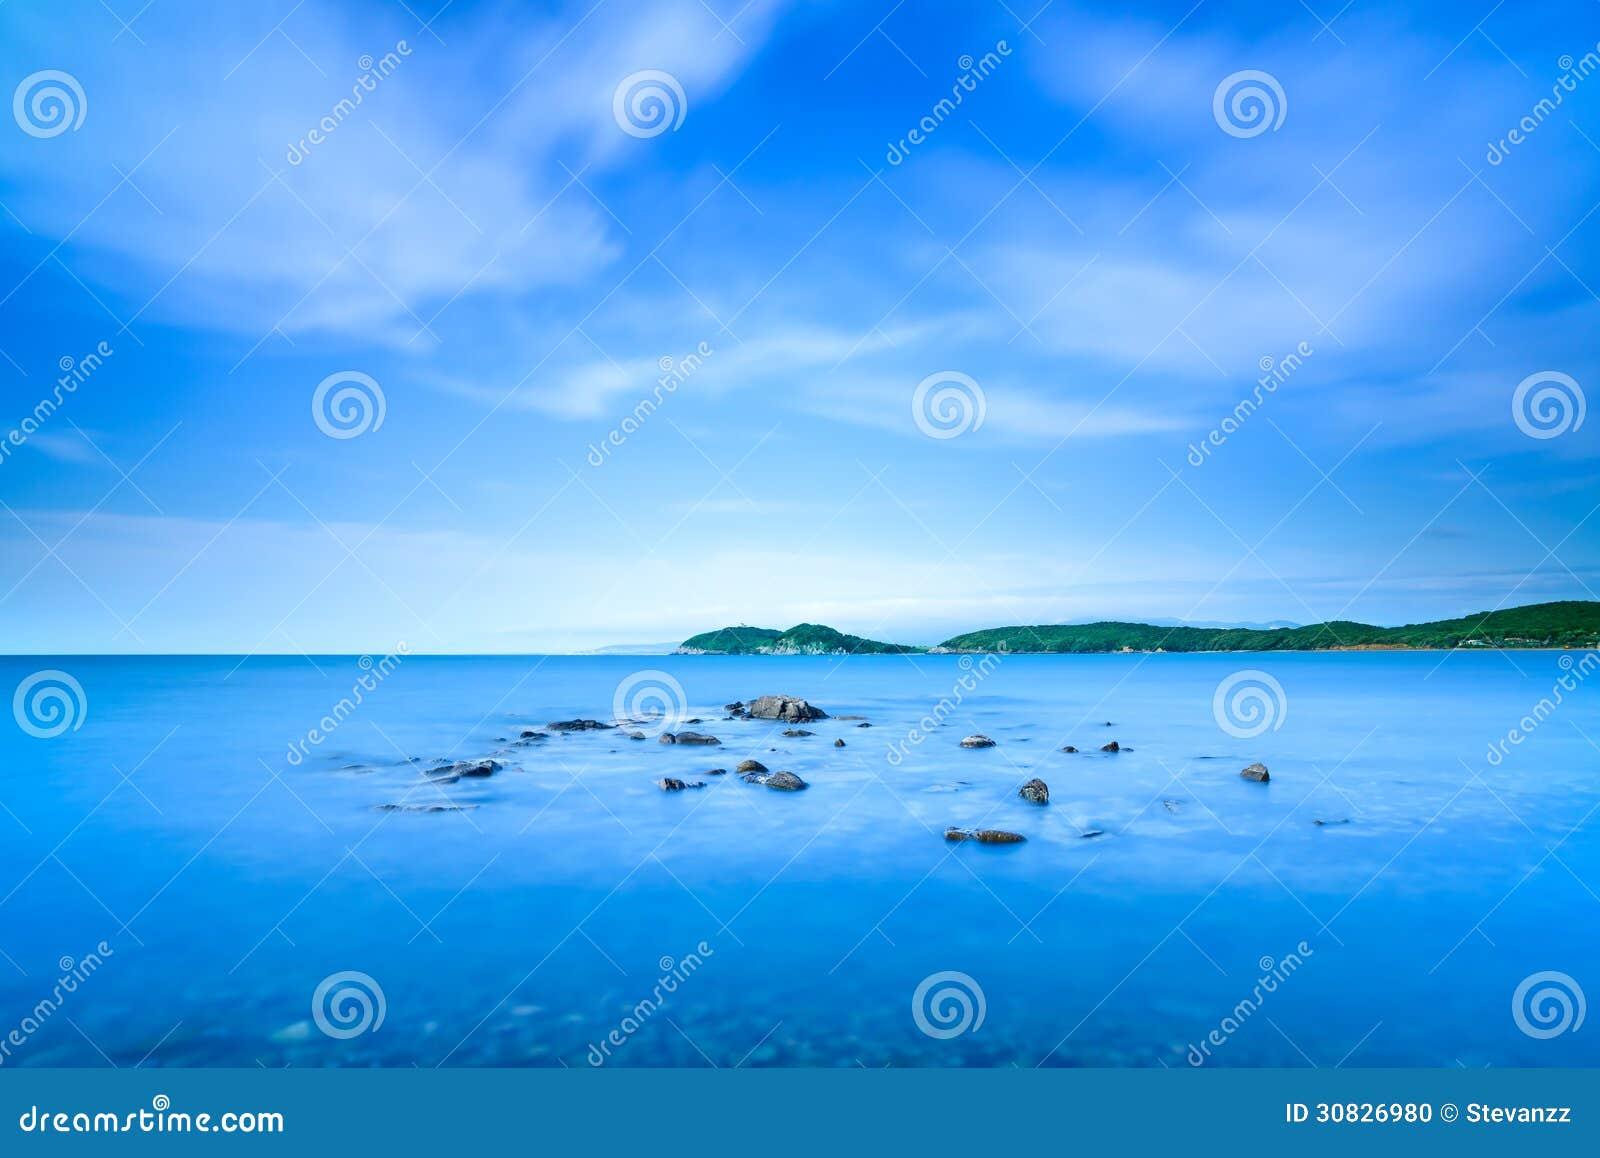 Baia di Baratti, piccole rocce in un oceano blu sul tramonto. La Toscana, Italia.